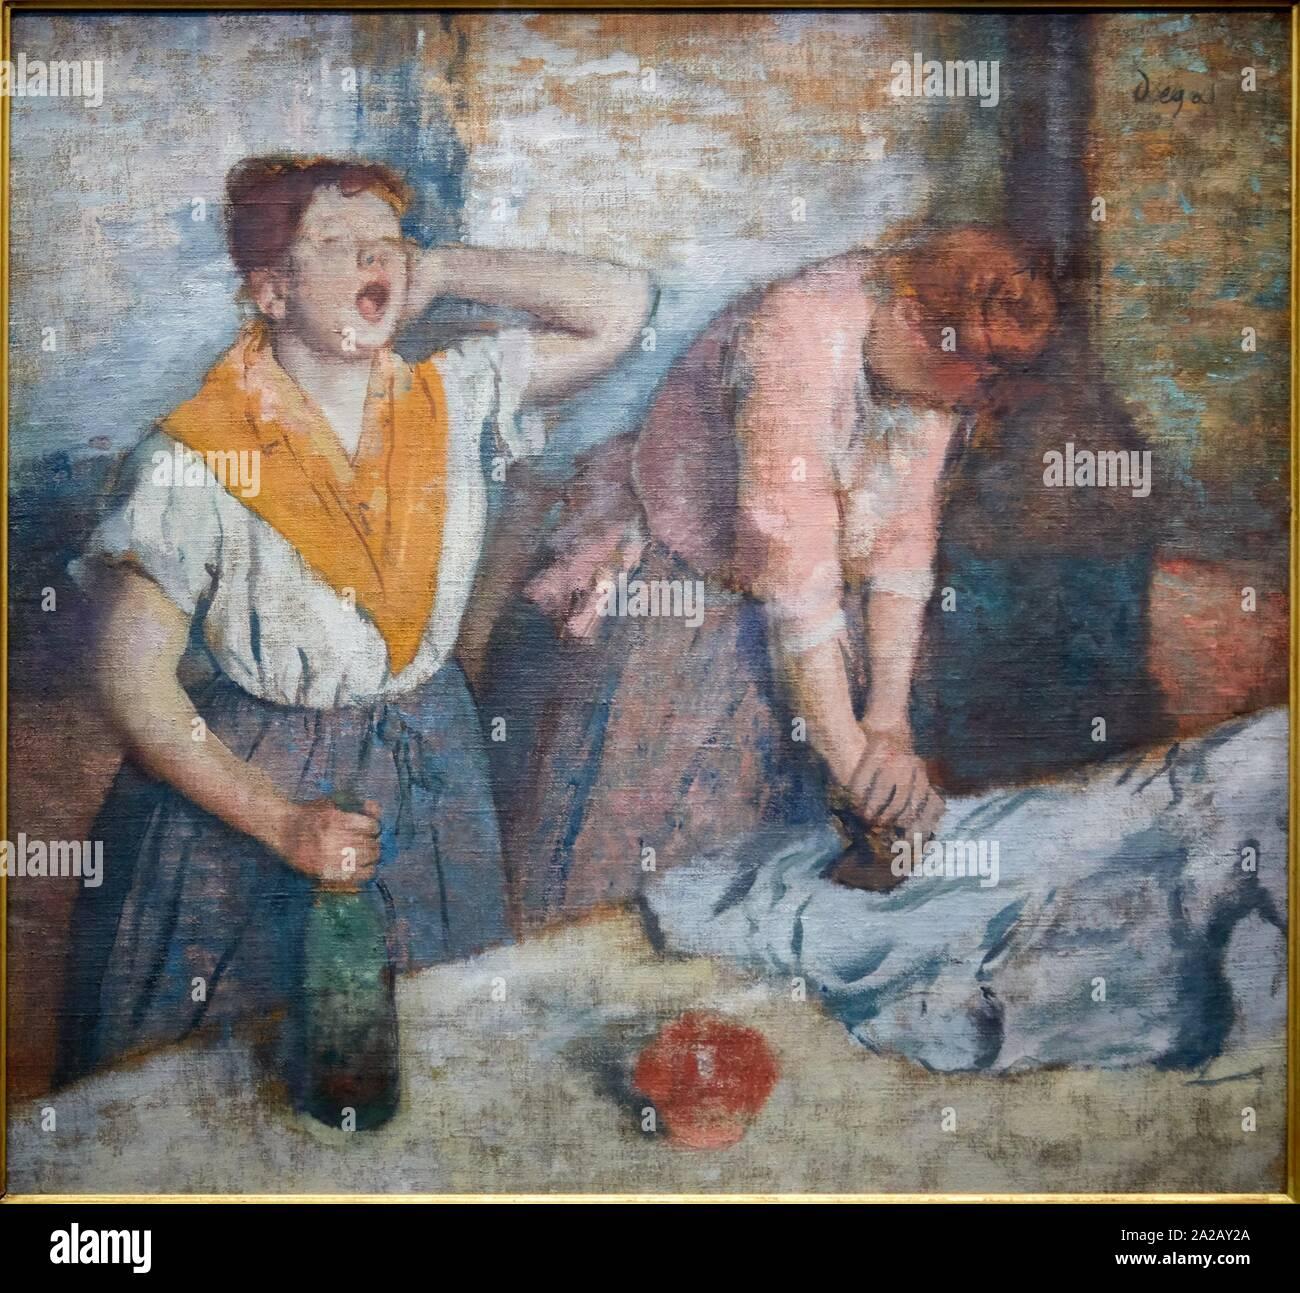 '''Repasseuses'', 1884-1886, Edgar Degas (1834-1917), Musée d'Orsay, Paris, France, Europe Banque D'Images